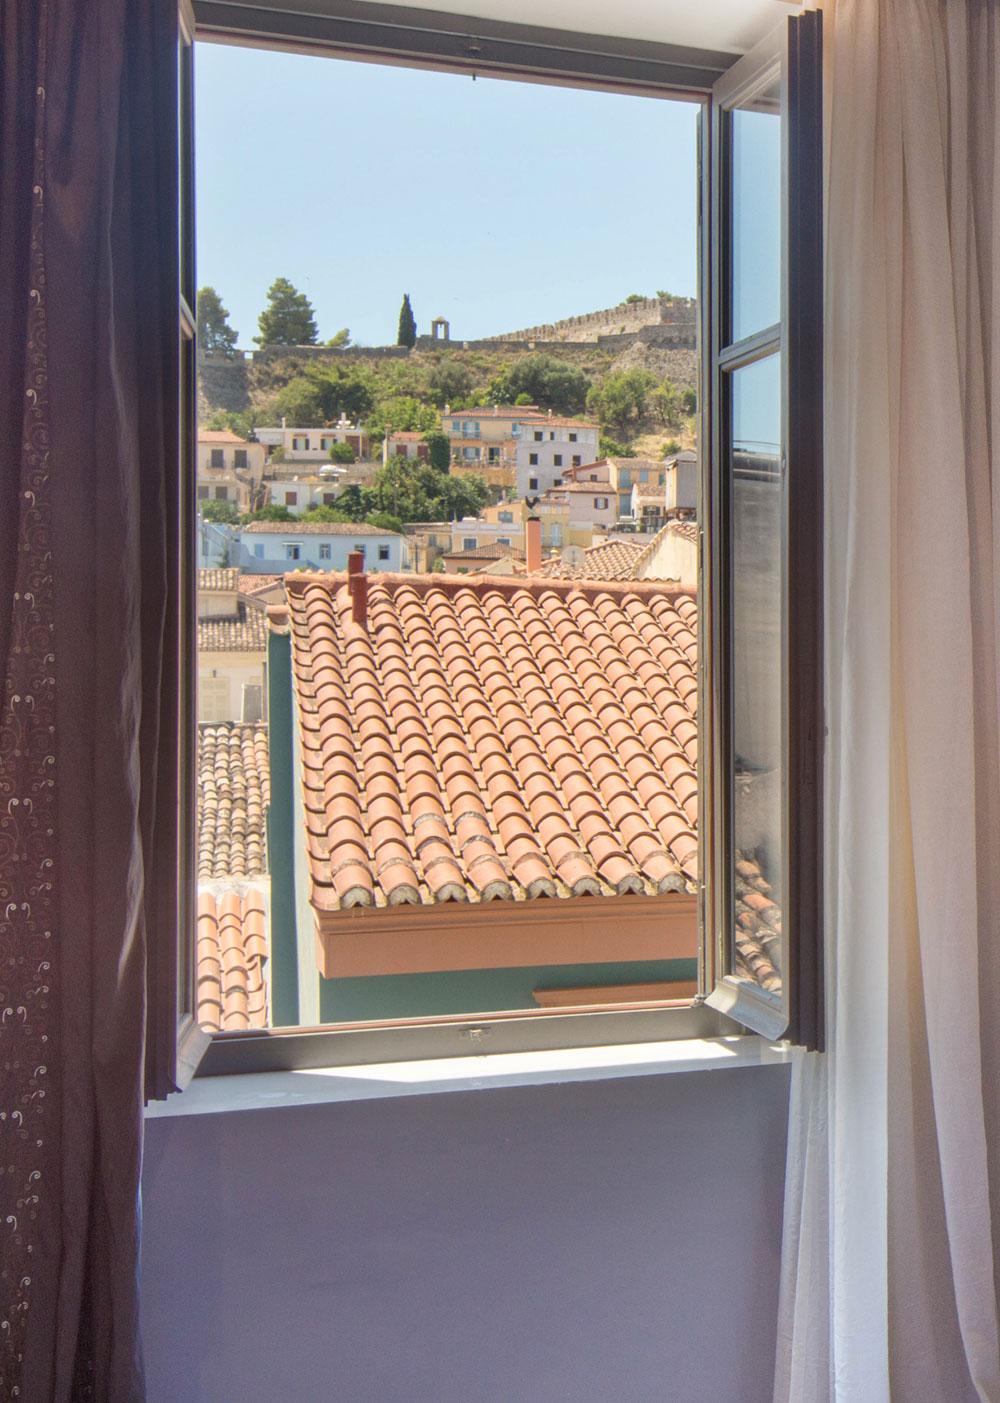 aion-hotel-premium-a1-b1-11.jpg